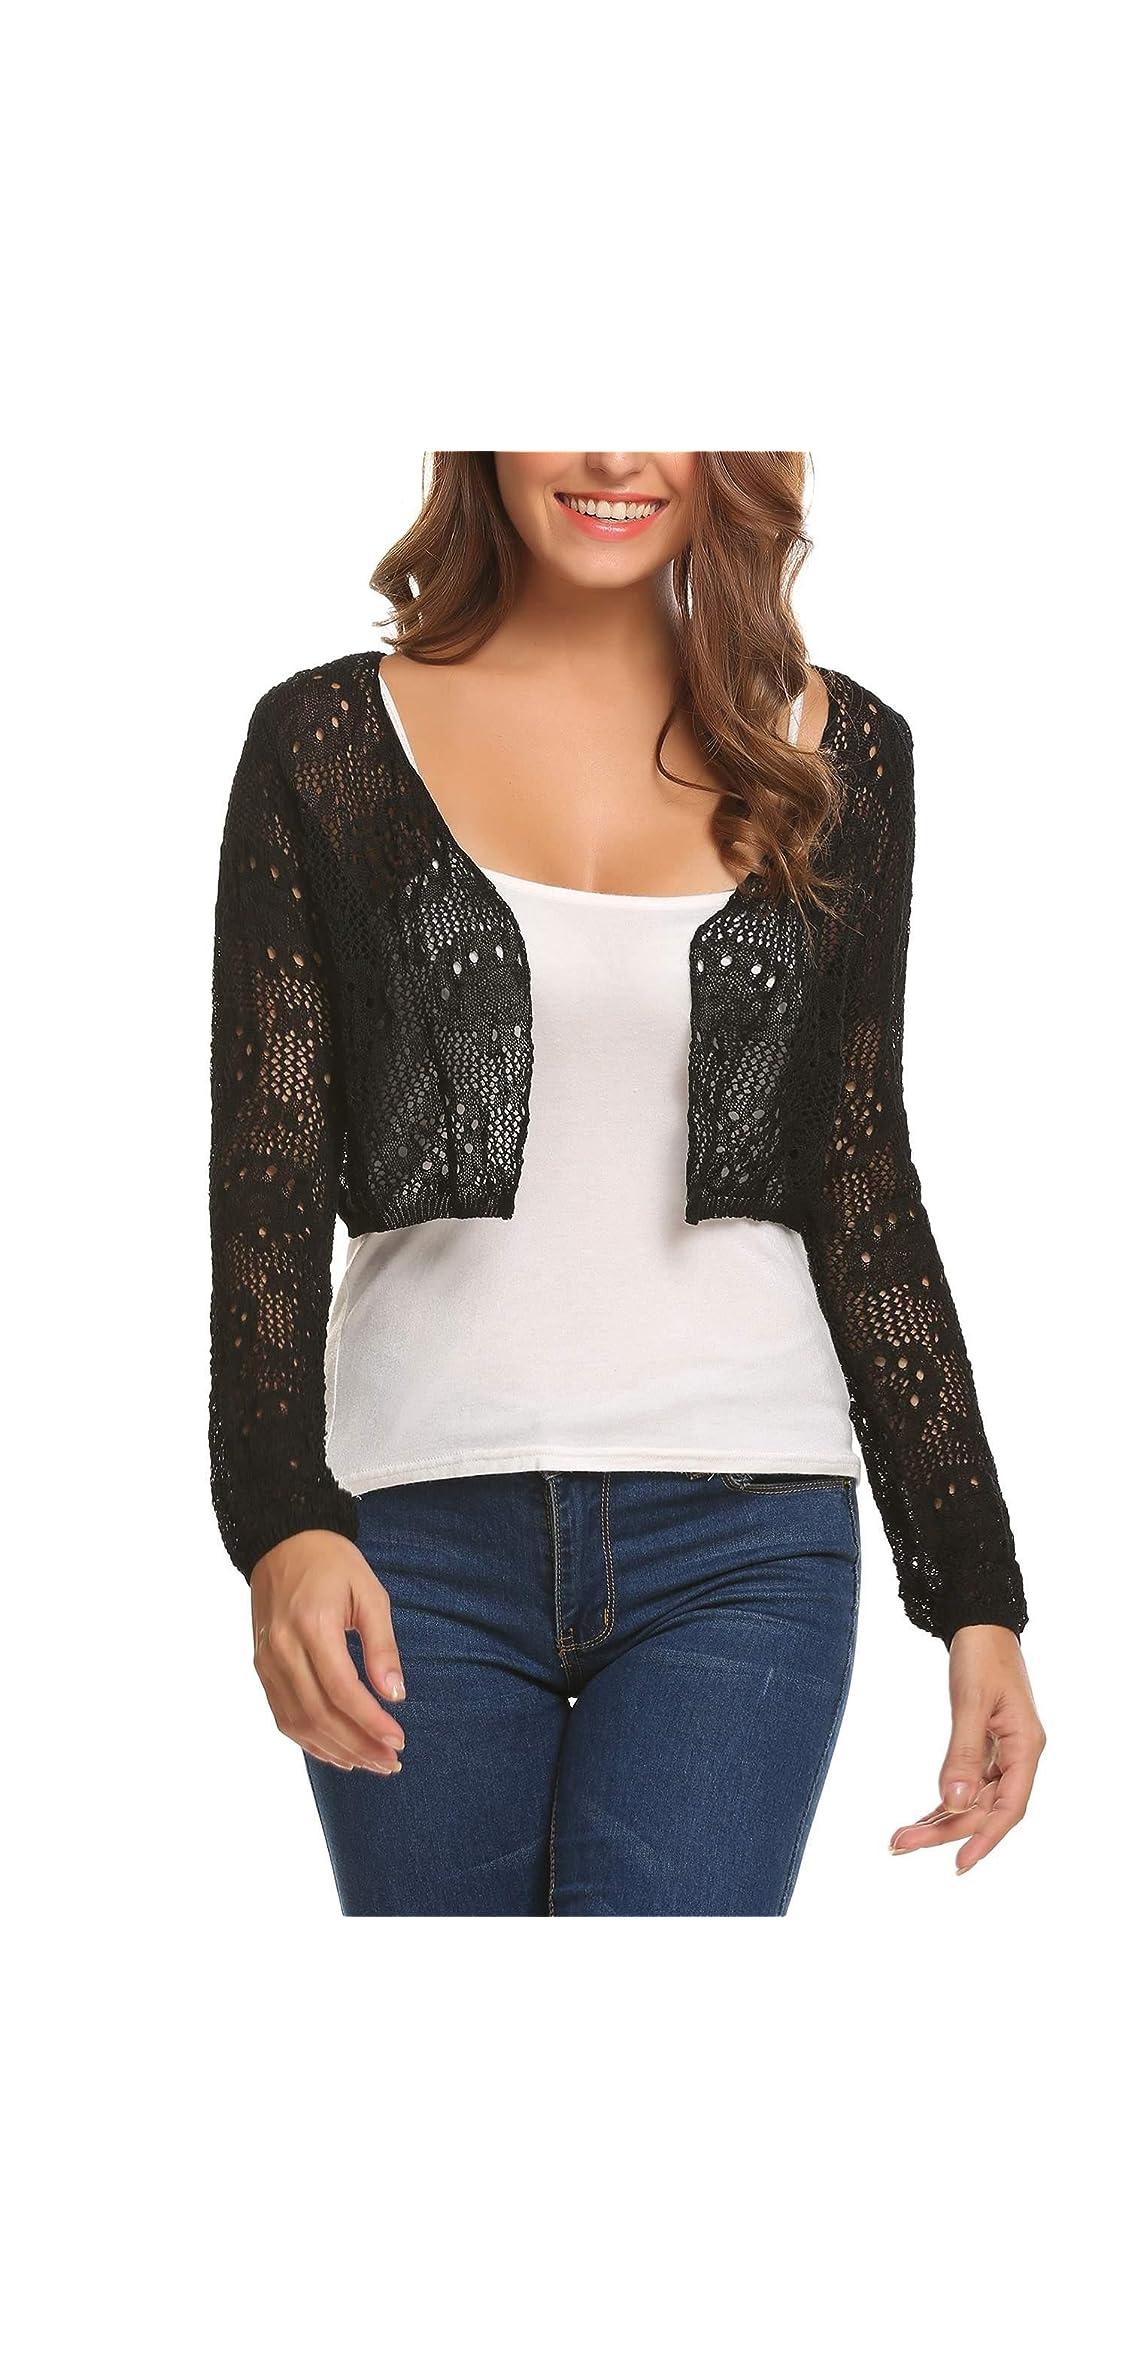 Womens Lace Crochet Bolero Shrug Tops Long Sleeve Knit